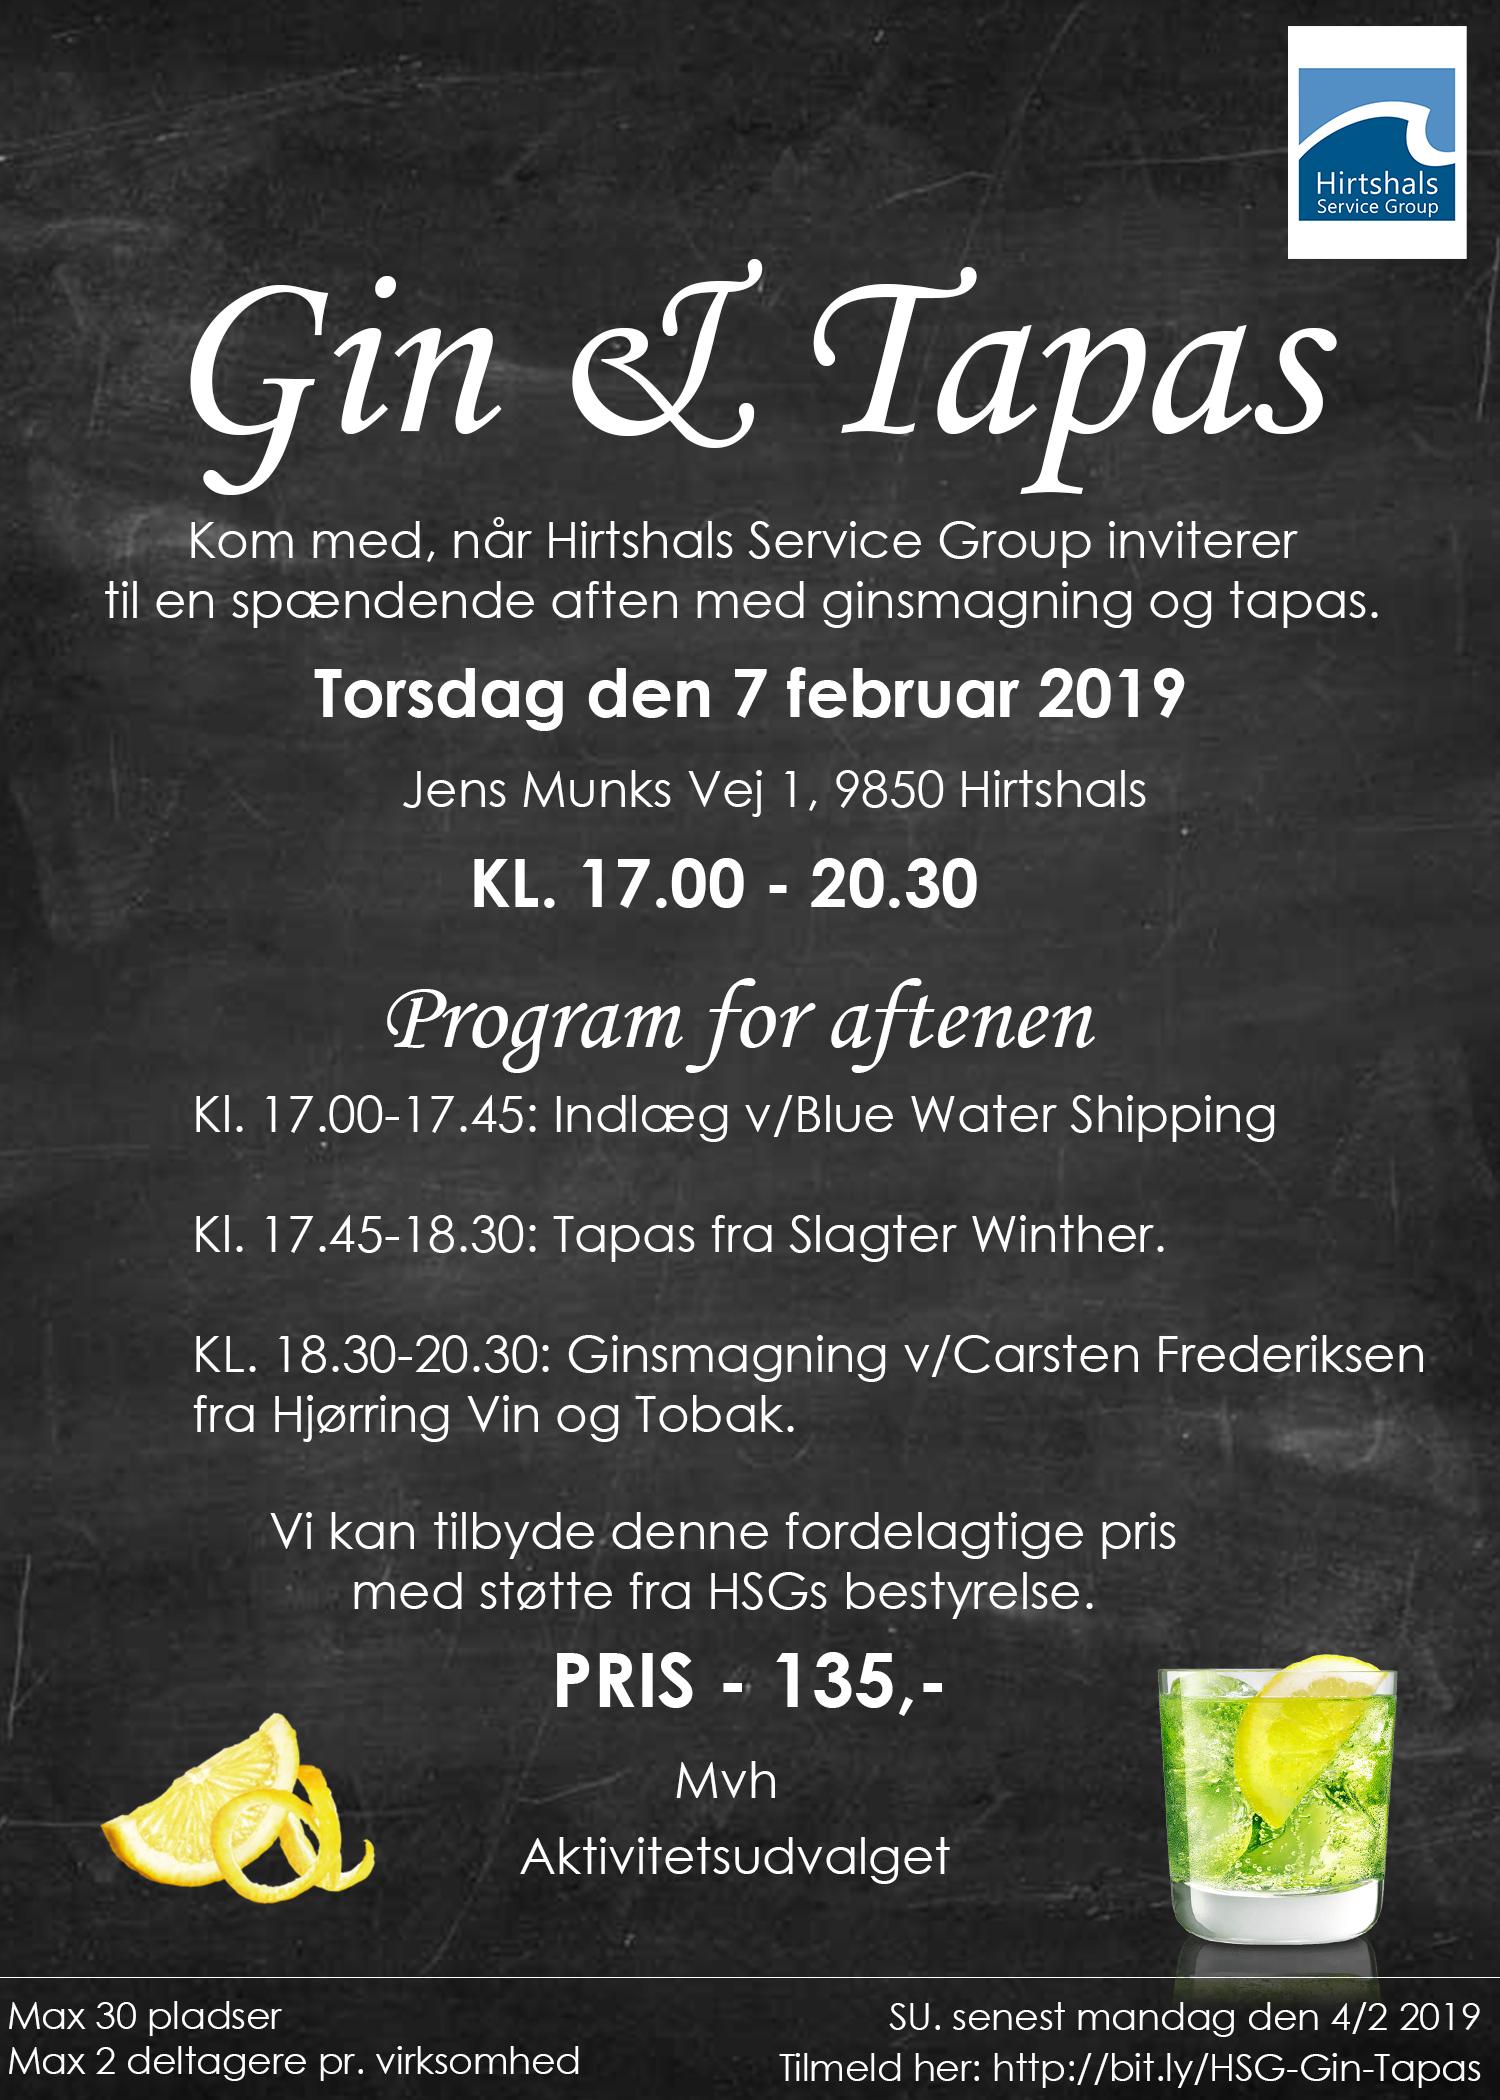 Gin-og-tapas-HSG-07.12.2018---ny.jpg